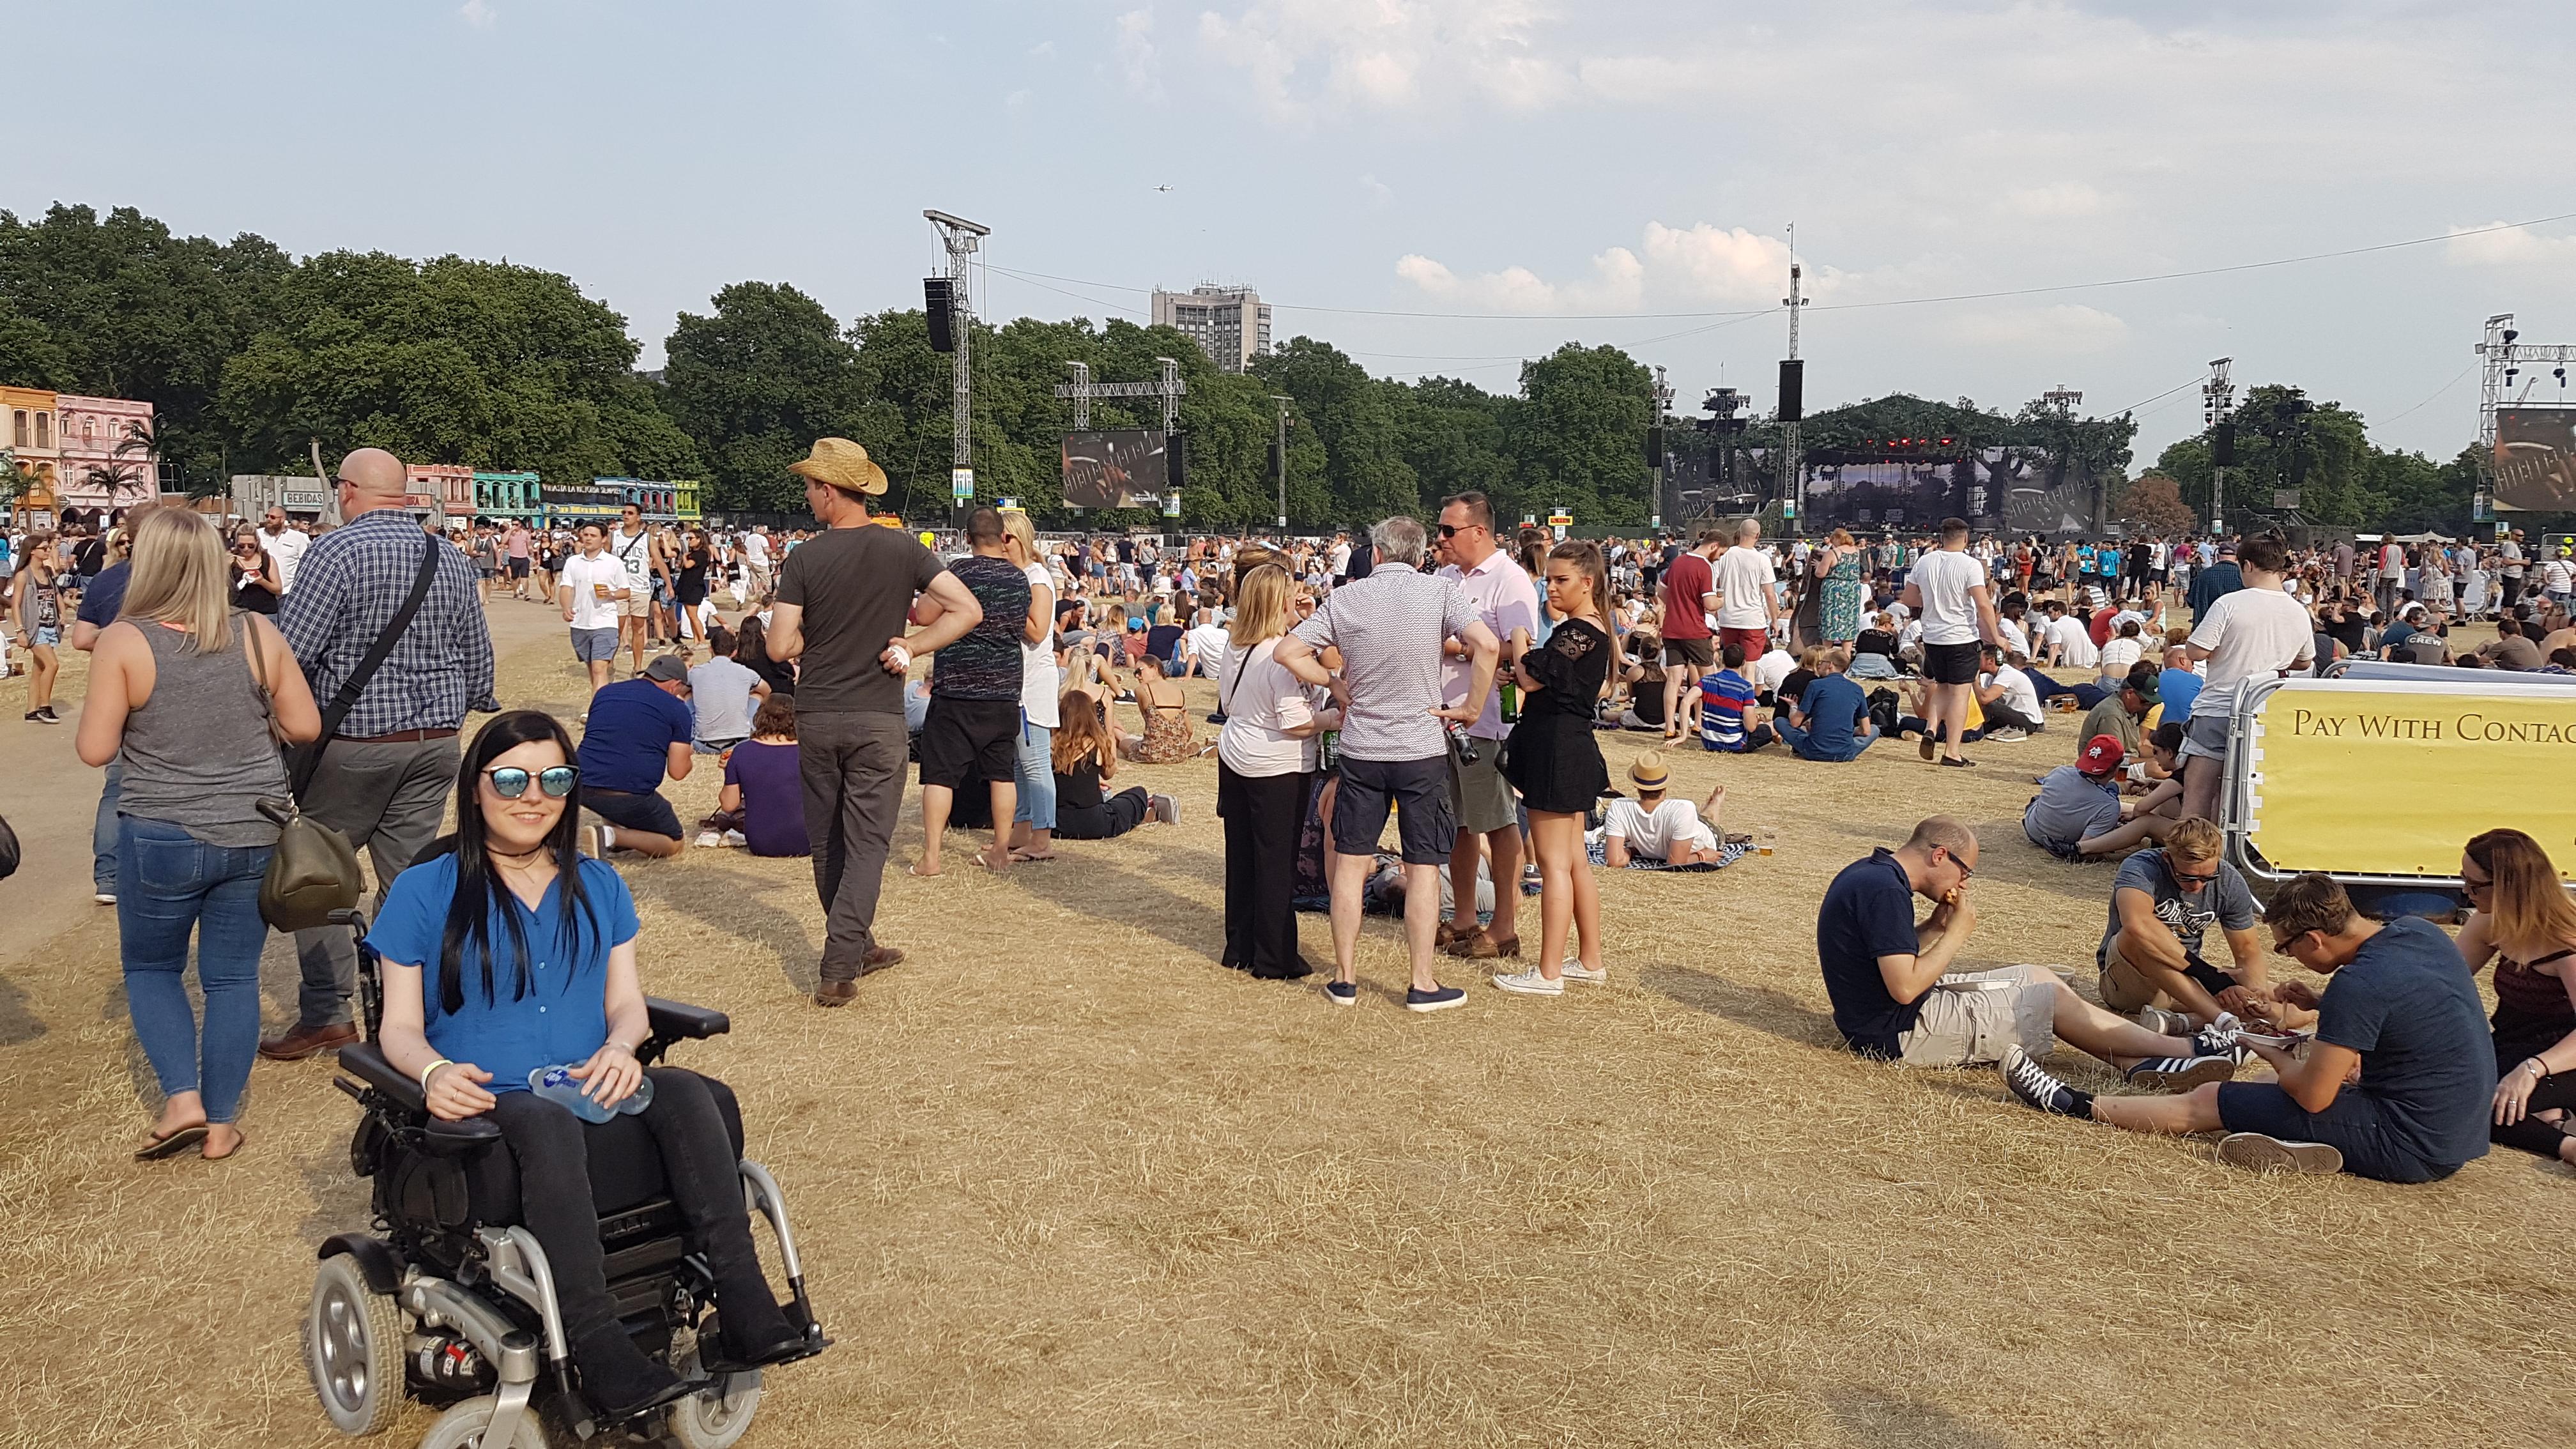 london-photo-diary BST Hyde Park 2017 wheelchair access